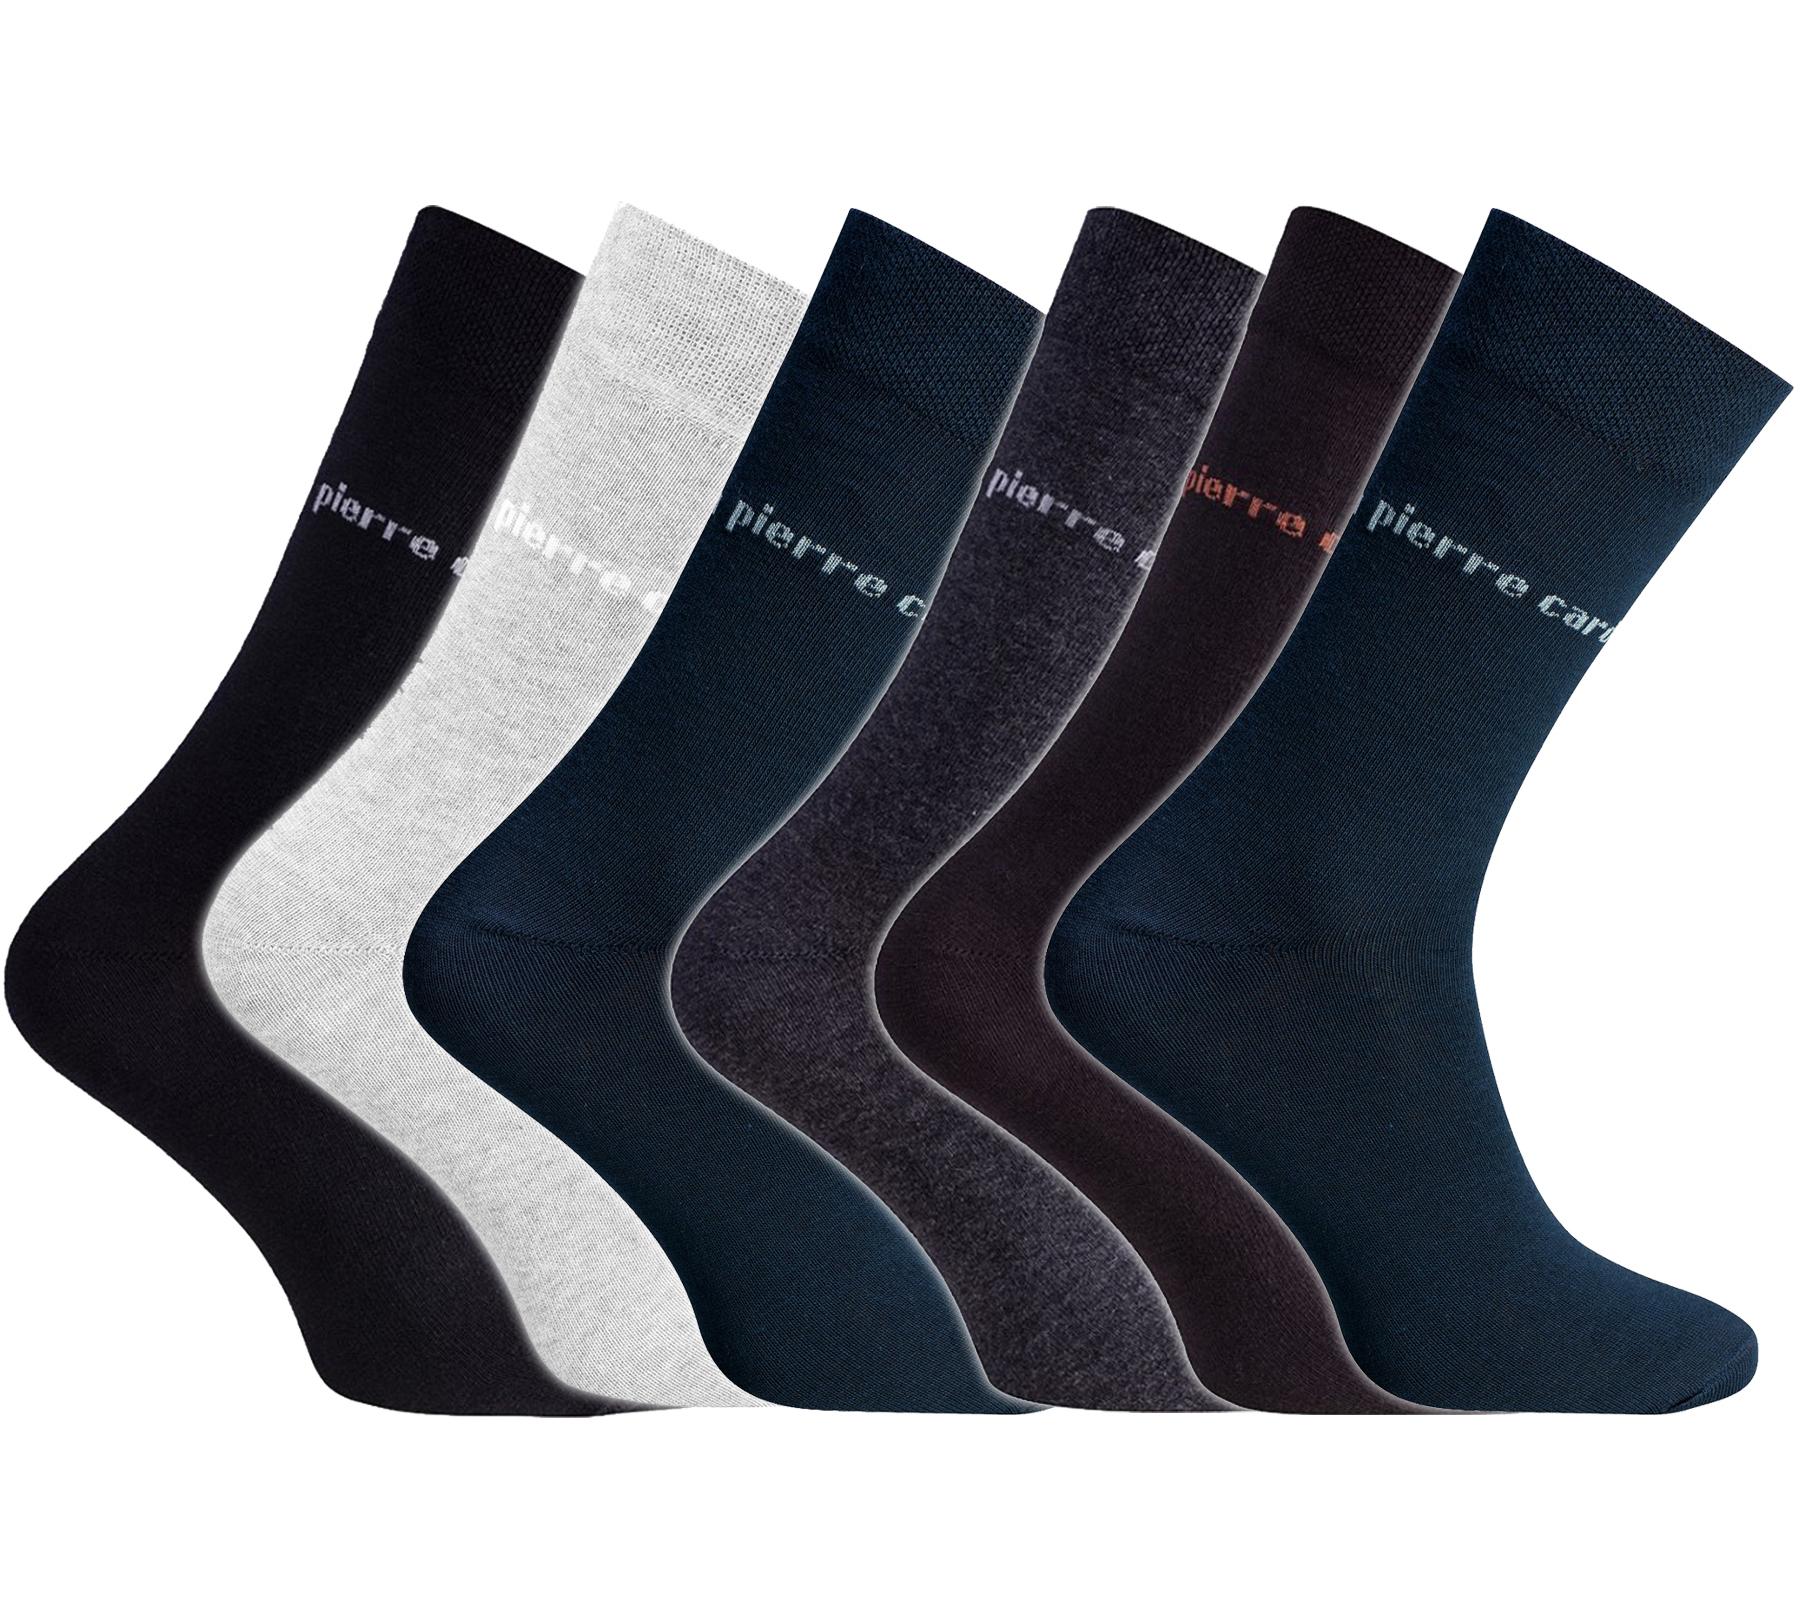 18er Pack Pierre Cardin Business-Socken Herren